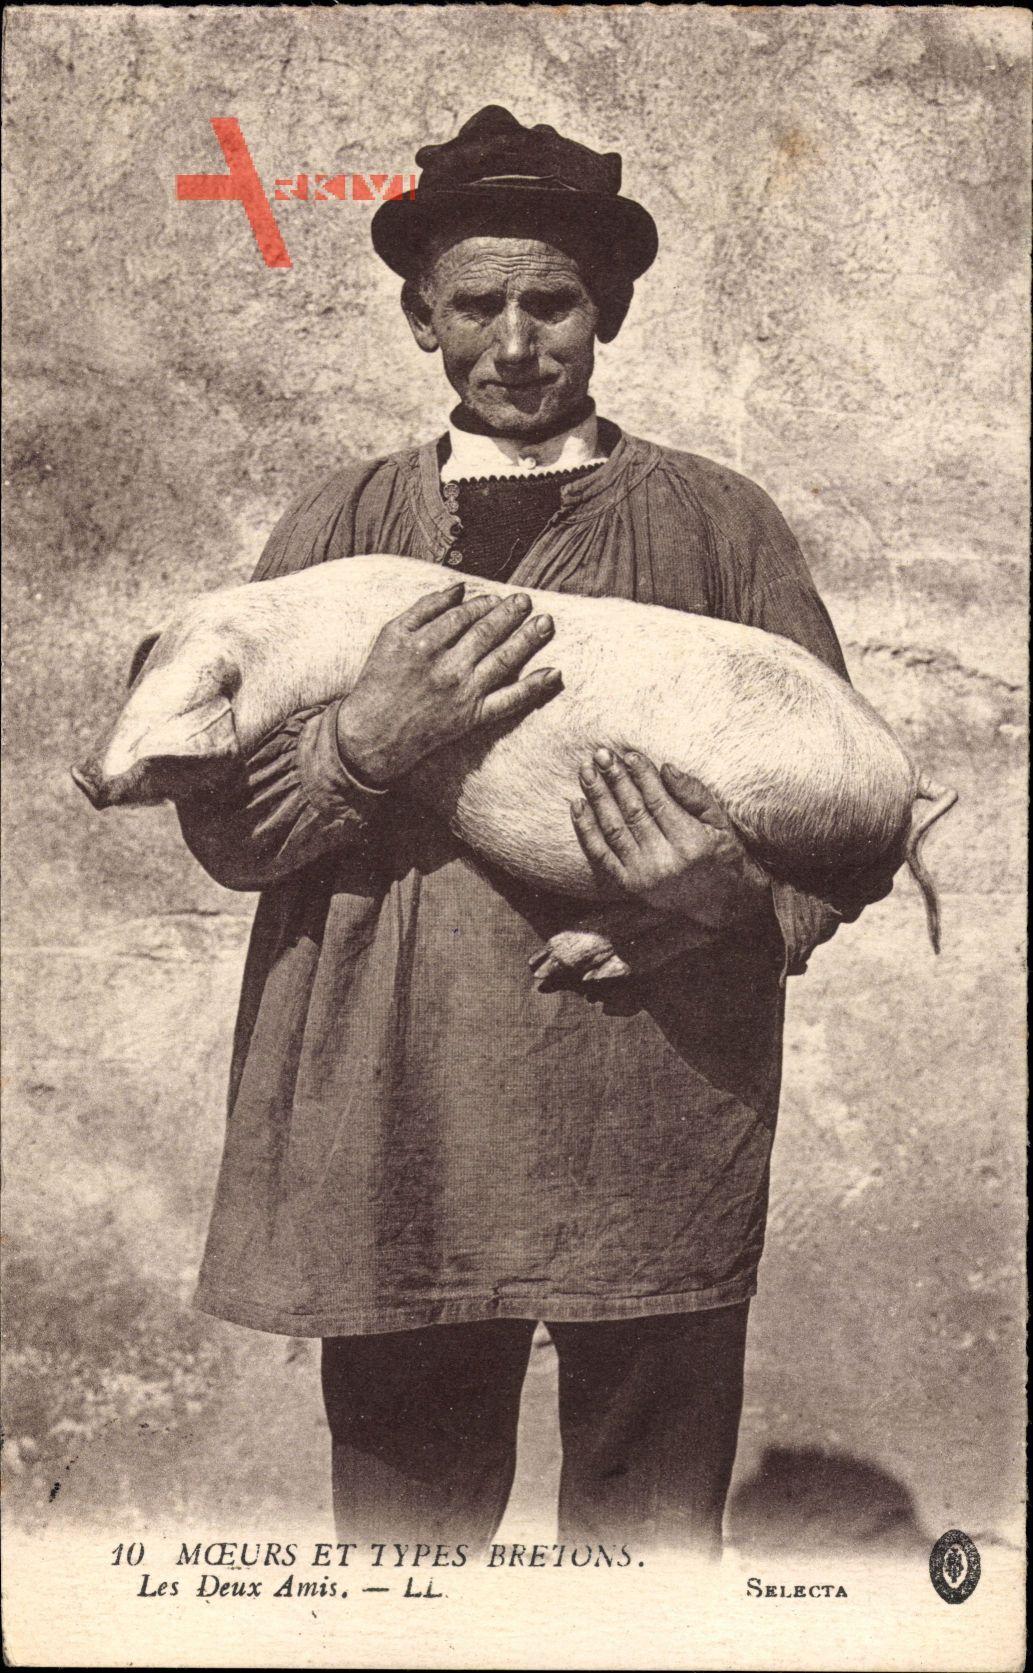 Moeurs et Types Bretons, Les Deux Amis, Zwei Freunde, Bauer, Schwein